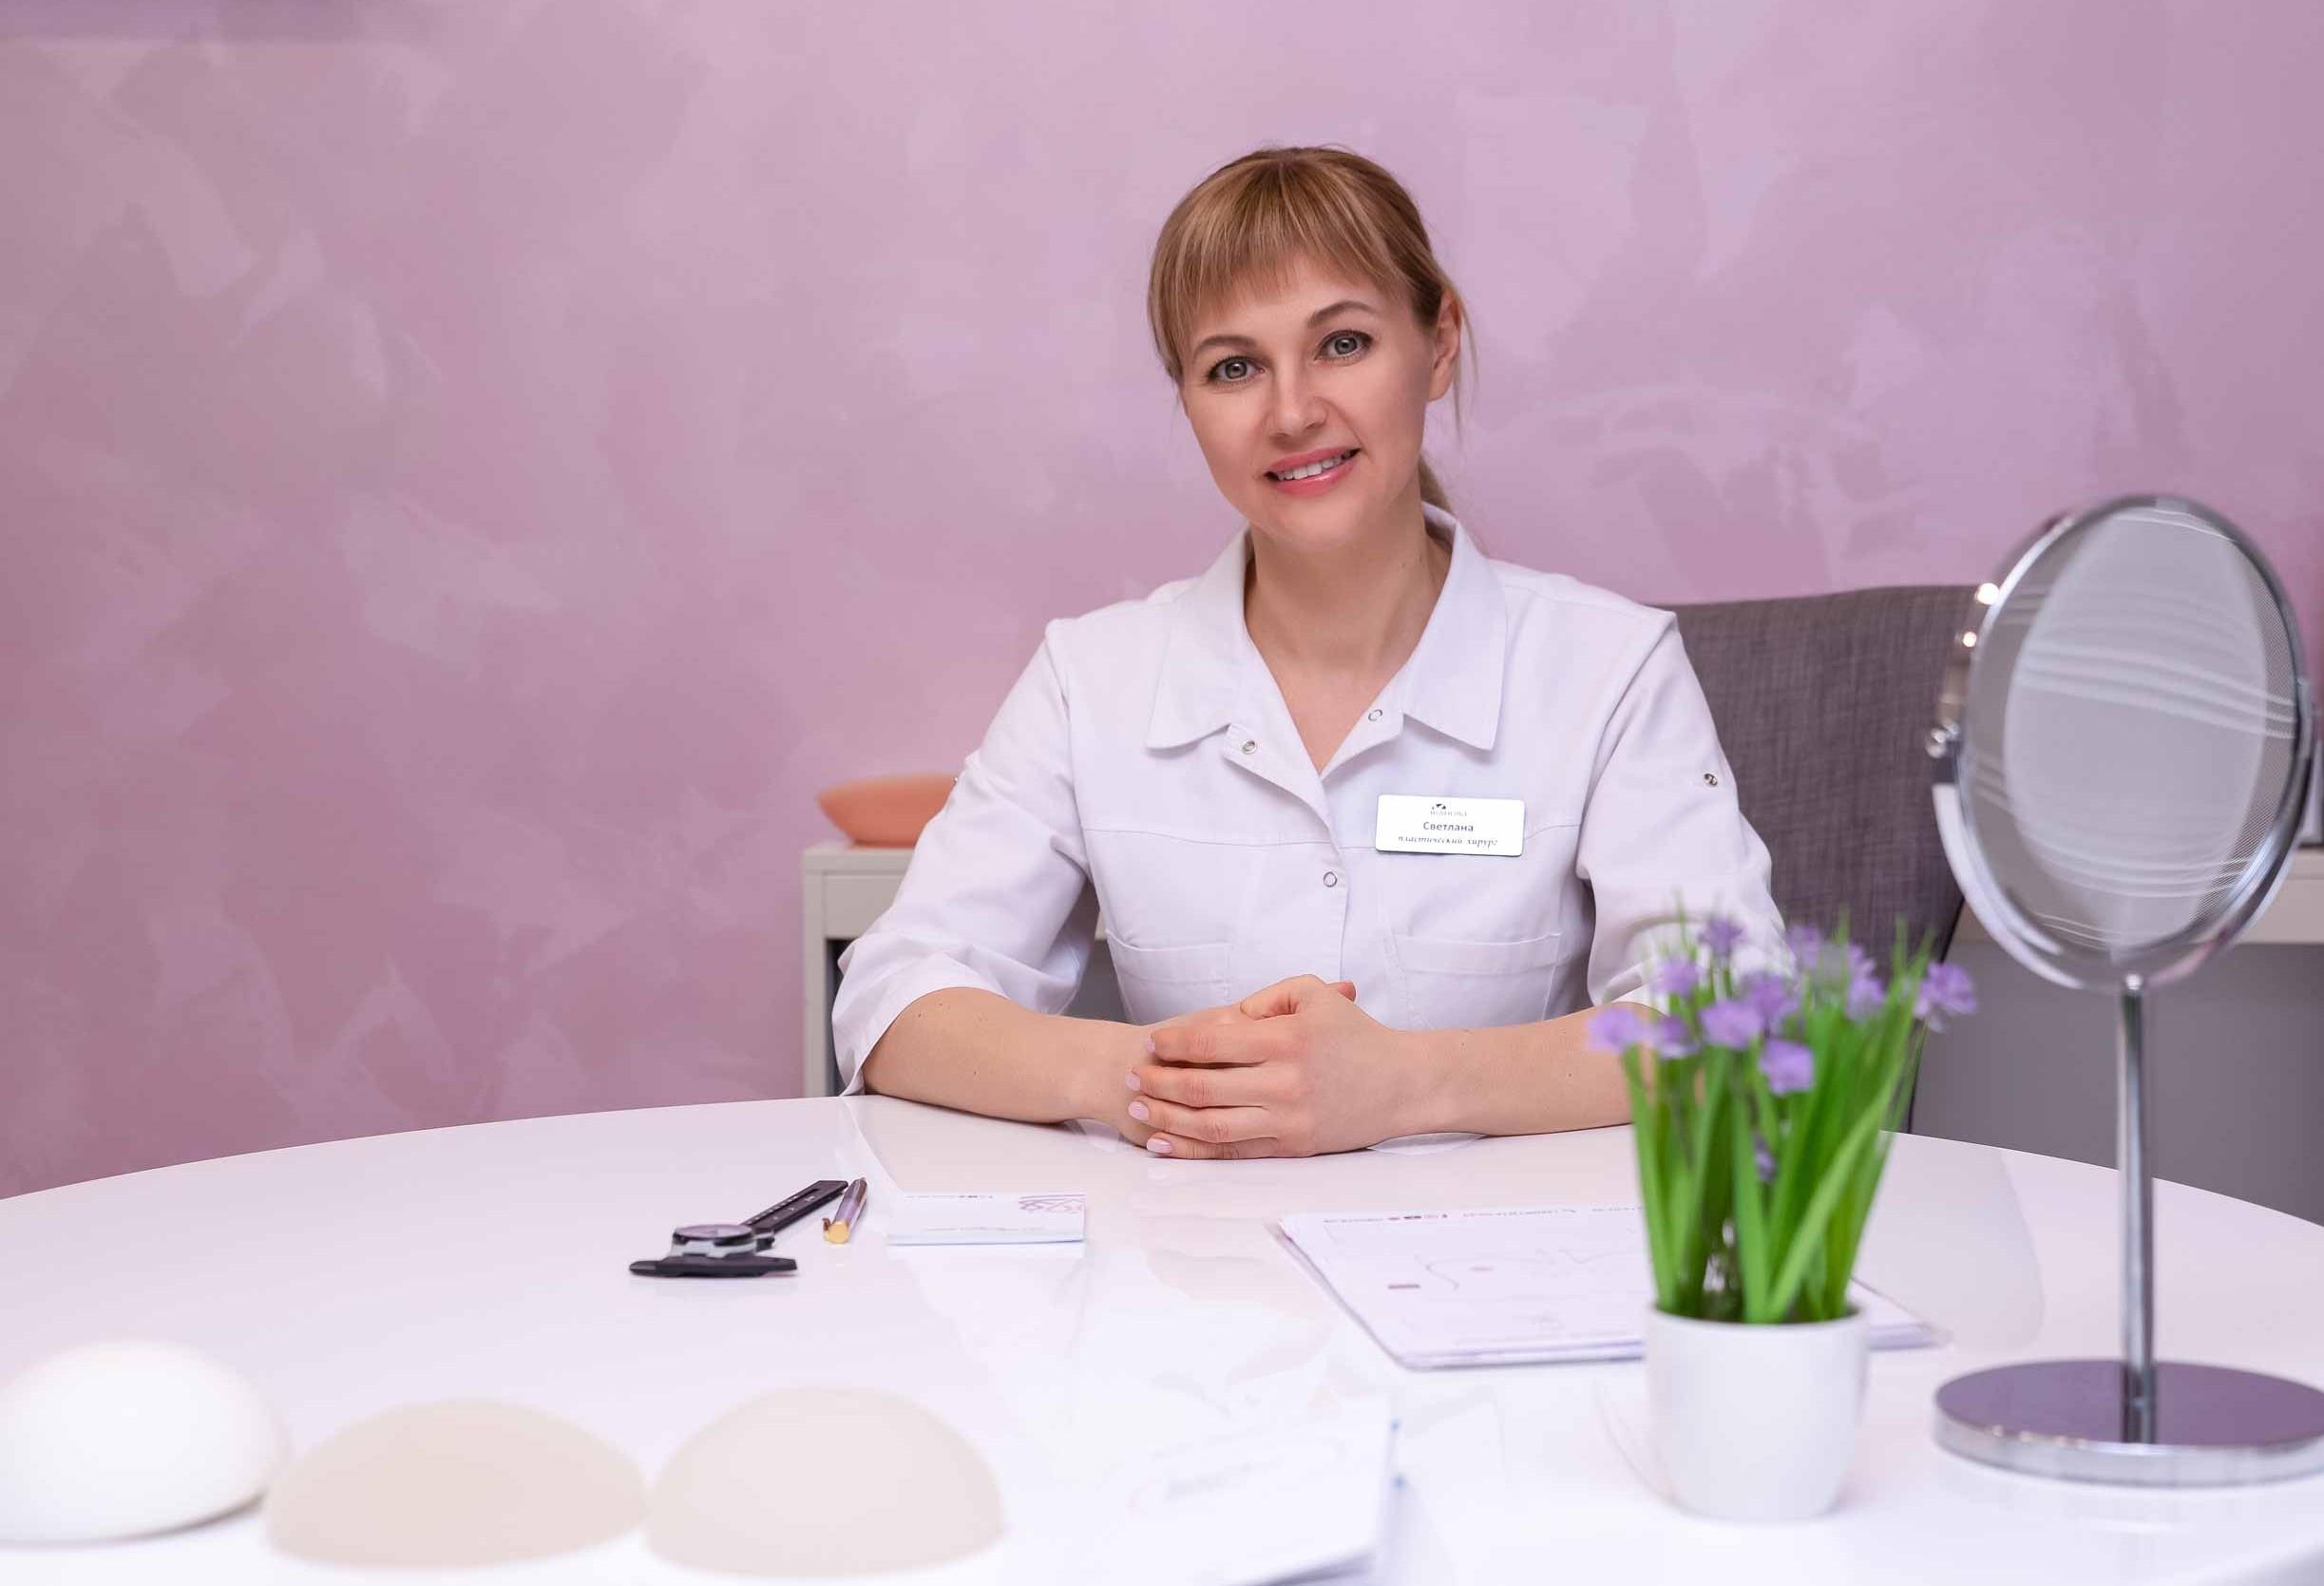 О важности первичной консультации пластического хирурга - блог Светланы Работенко